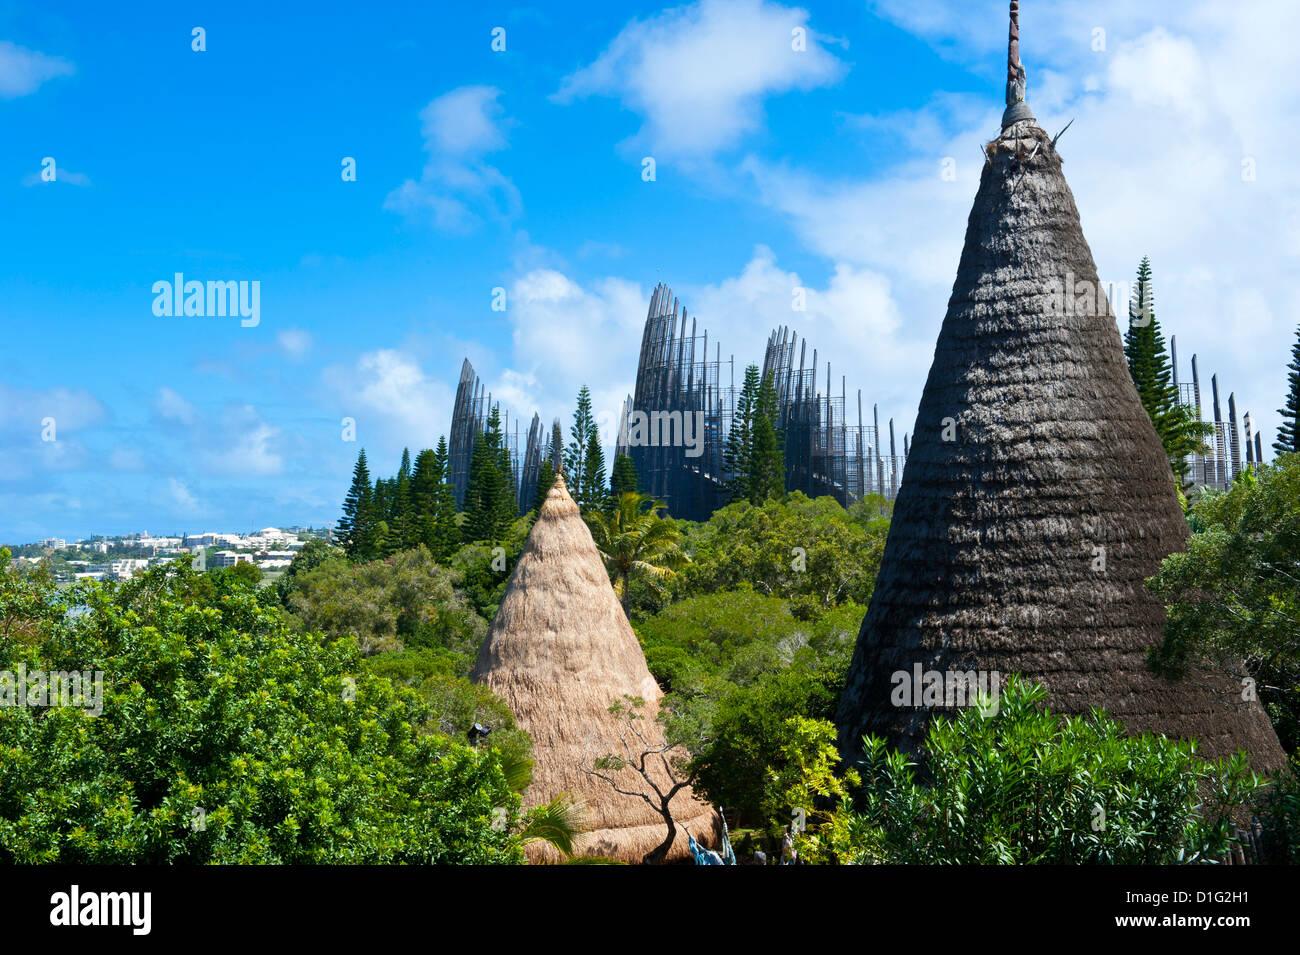 Centro Cultural Tjibaou en Noumea, Nueva Caledonia, Melanesia, Pacífico Sur, Pacífico Imagen De Stock